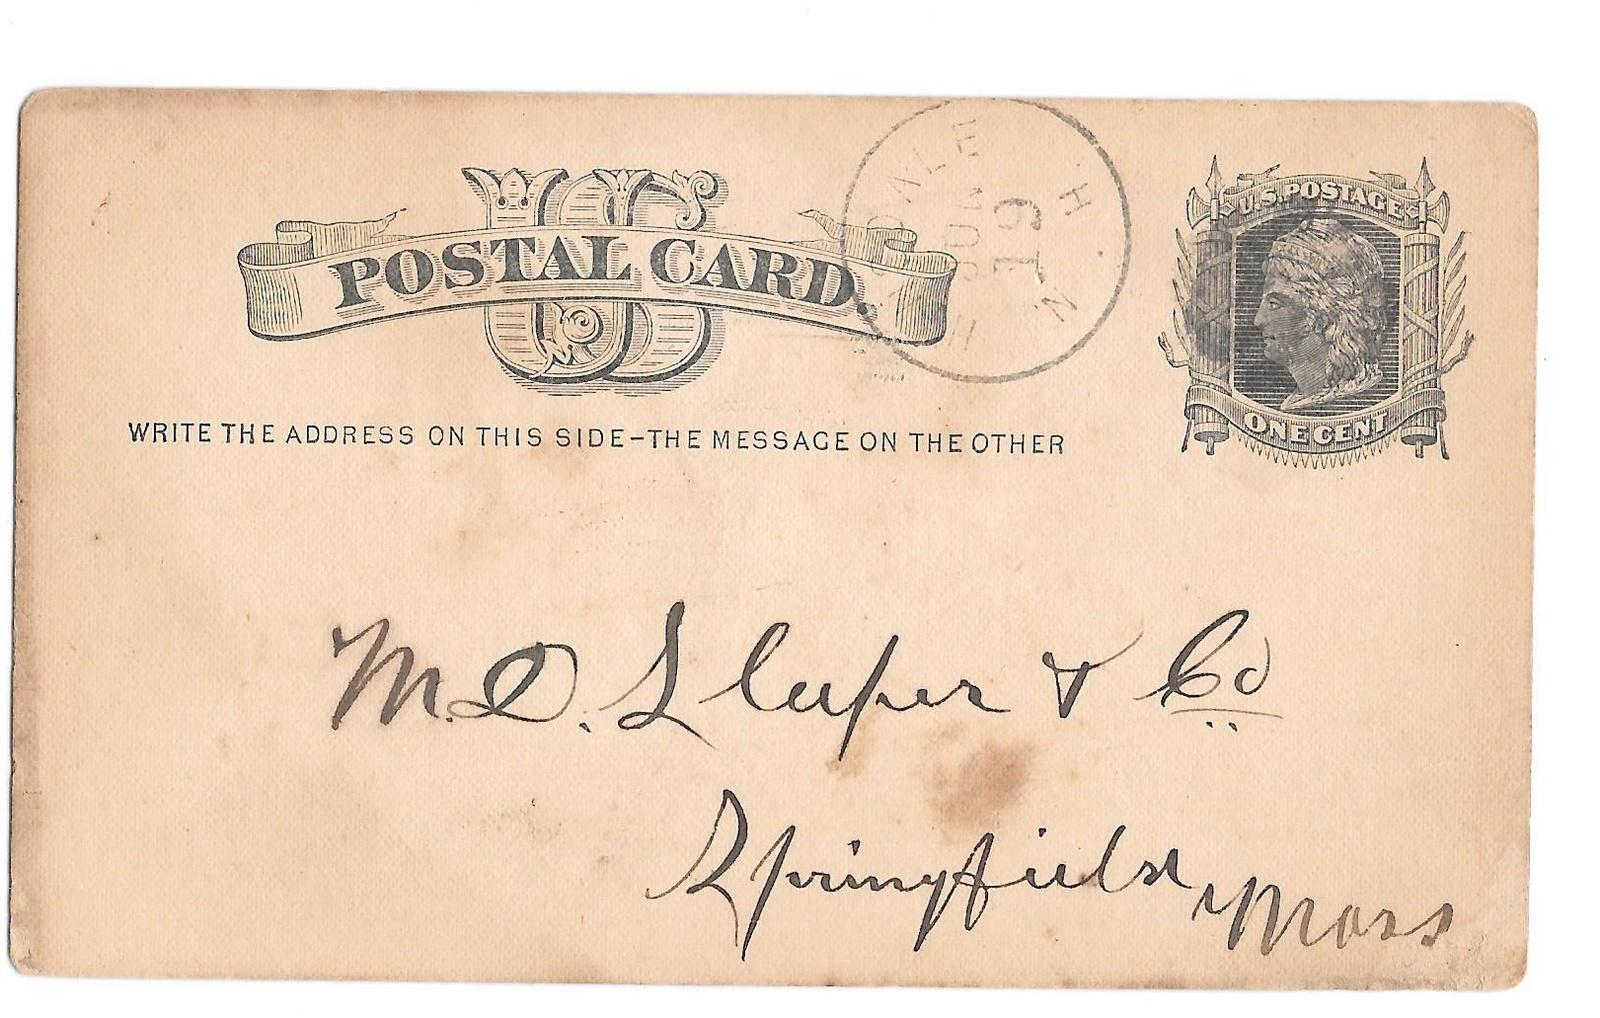 Scott UX5 HInsdale NH Fancy Cork Cancel Keg Beer Order by P. P. Woodbury 1880